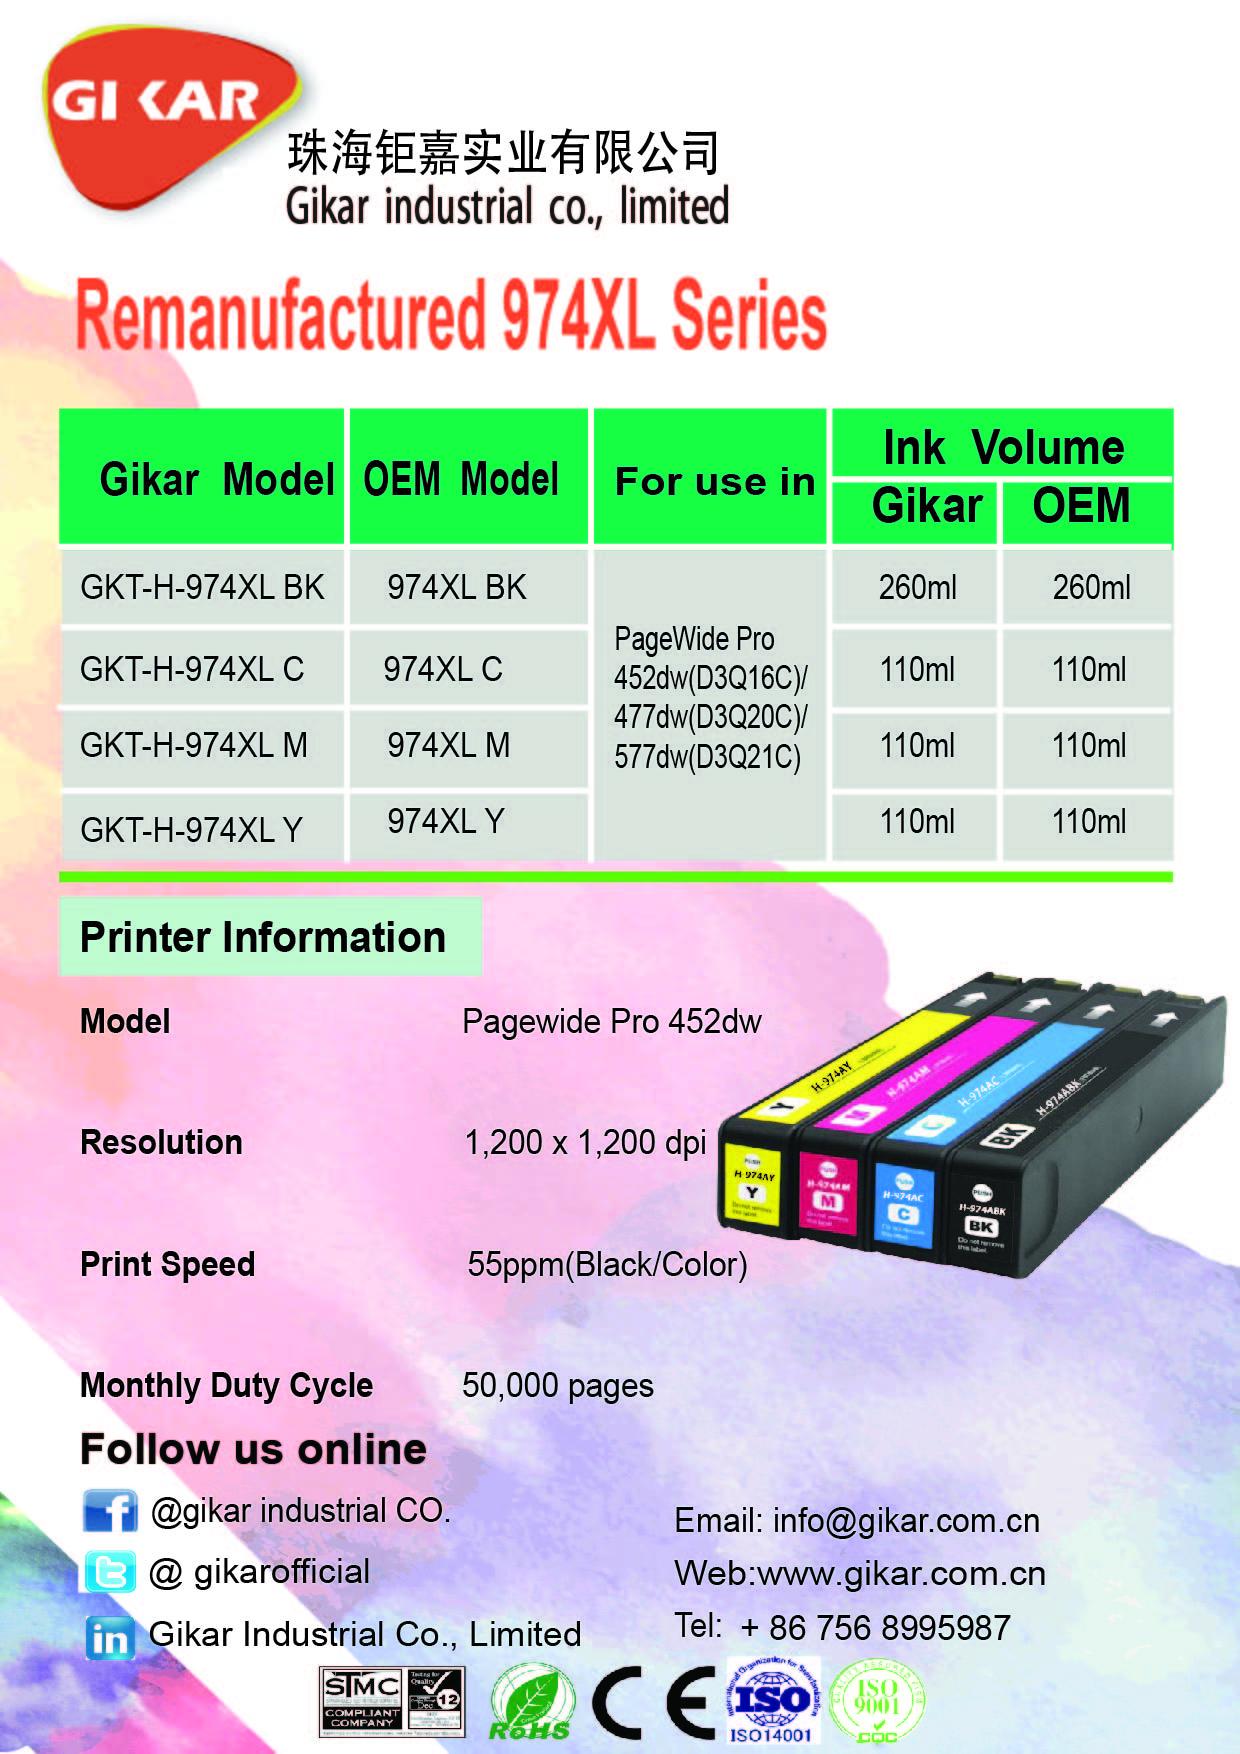 钜嘉实业成功推出再生974XL系列墨盒